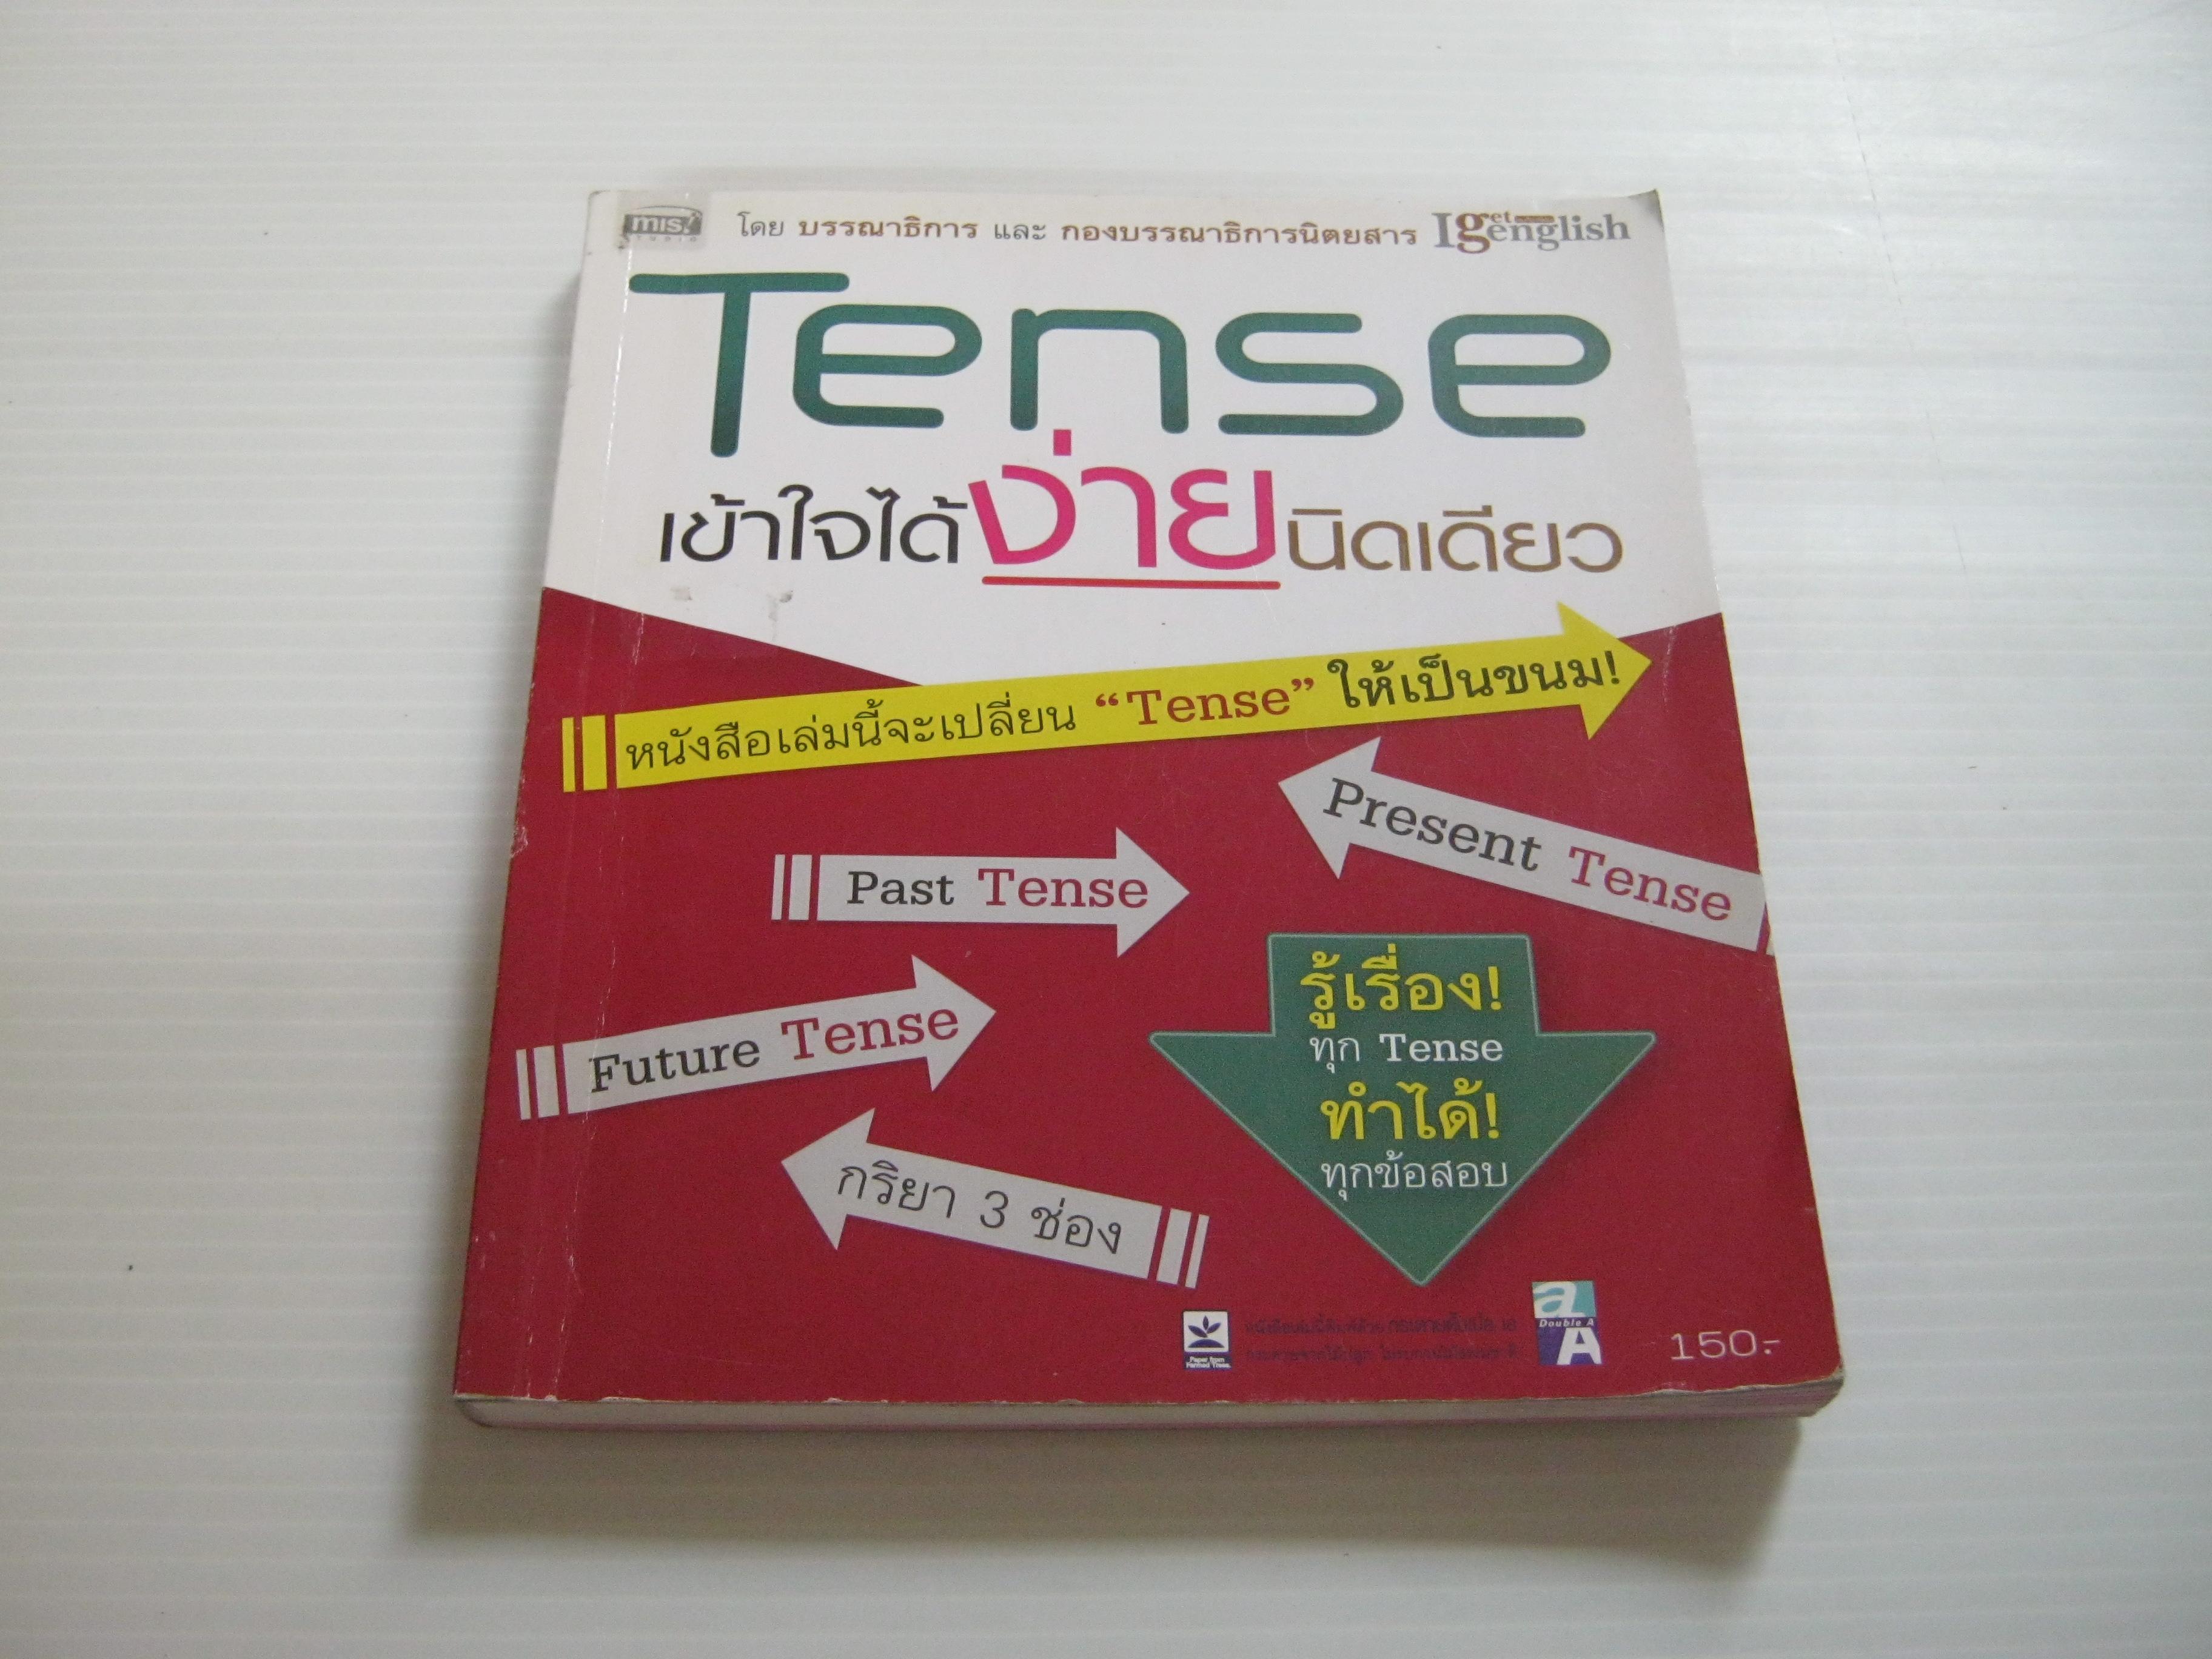 Tense เข้าใจได้ง่ายนิดเดียว โดยบรรณาธิการและกองบรรณาธิการ I get english